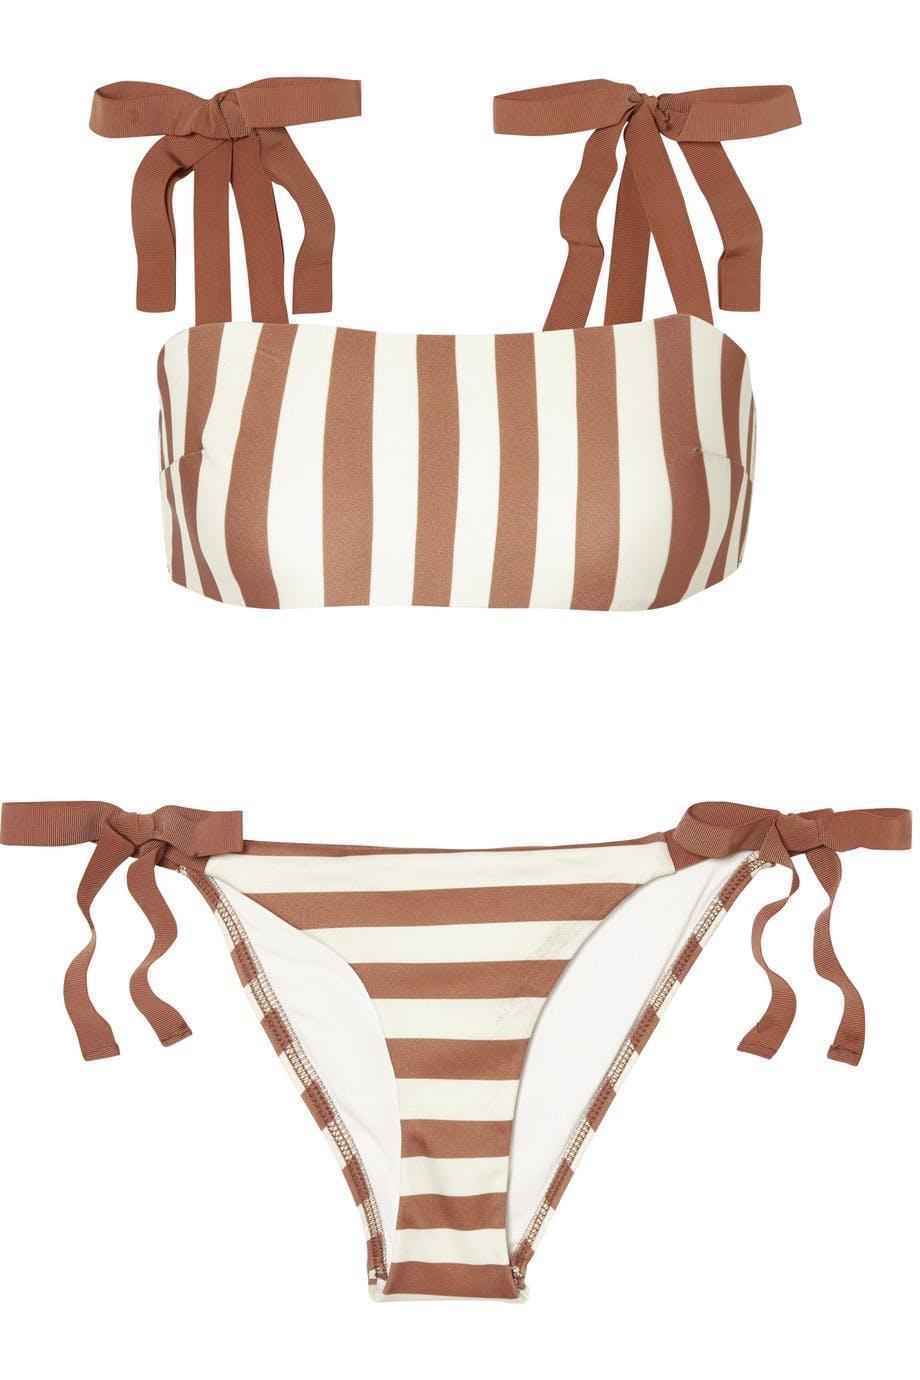 088eefaaf2 Zimmerman striped bikini designer swimwear two-piece fashion style  net-a-porter luxury